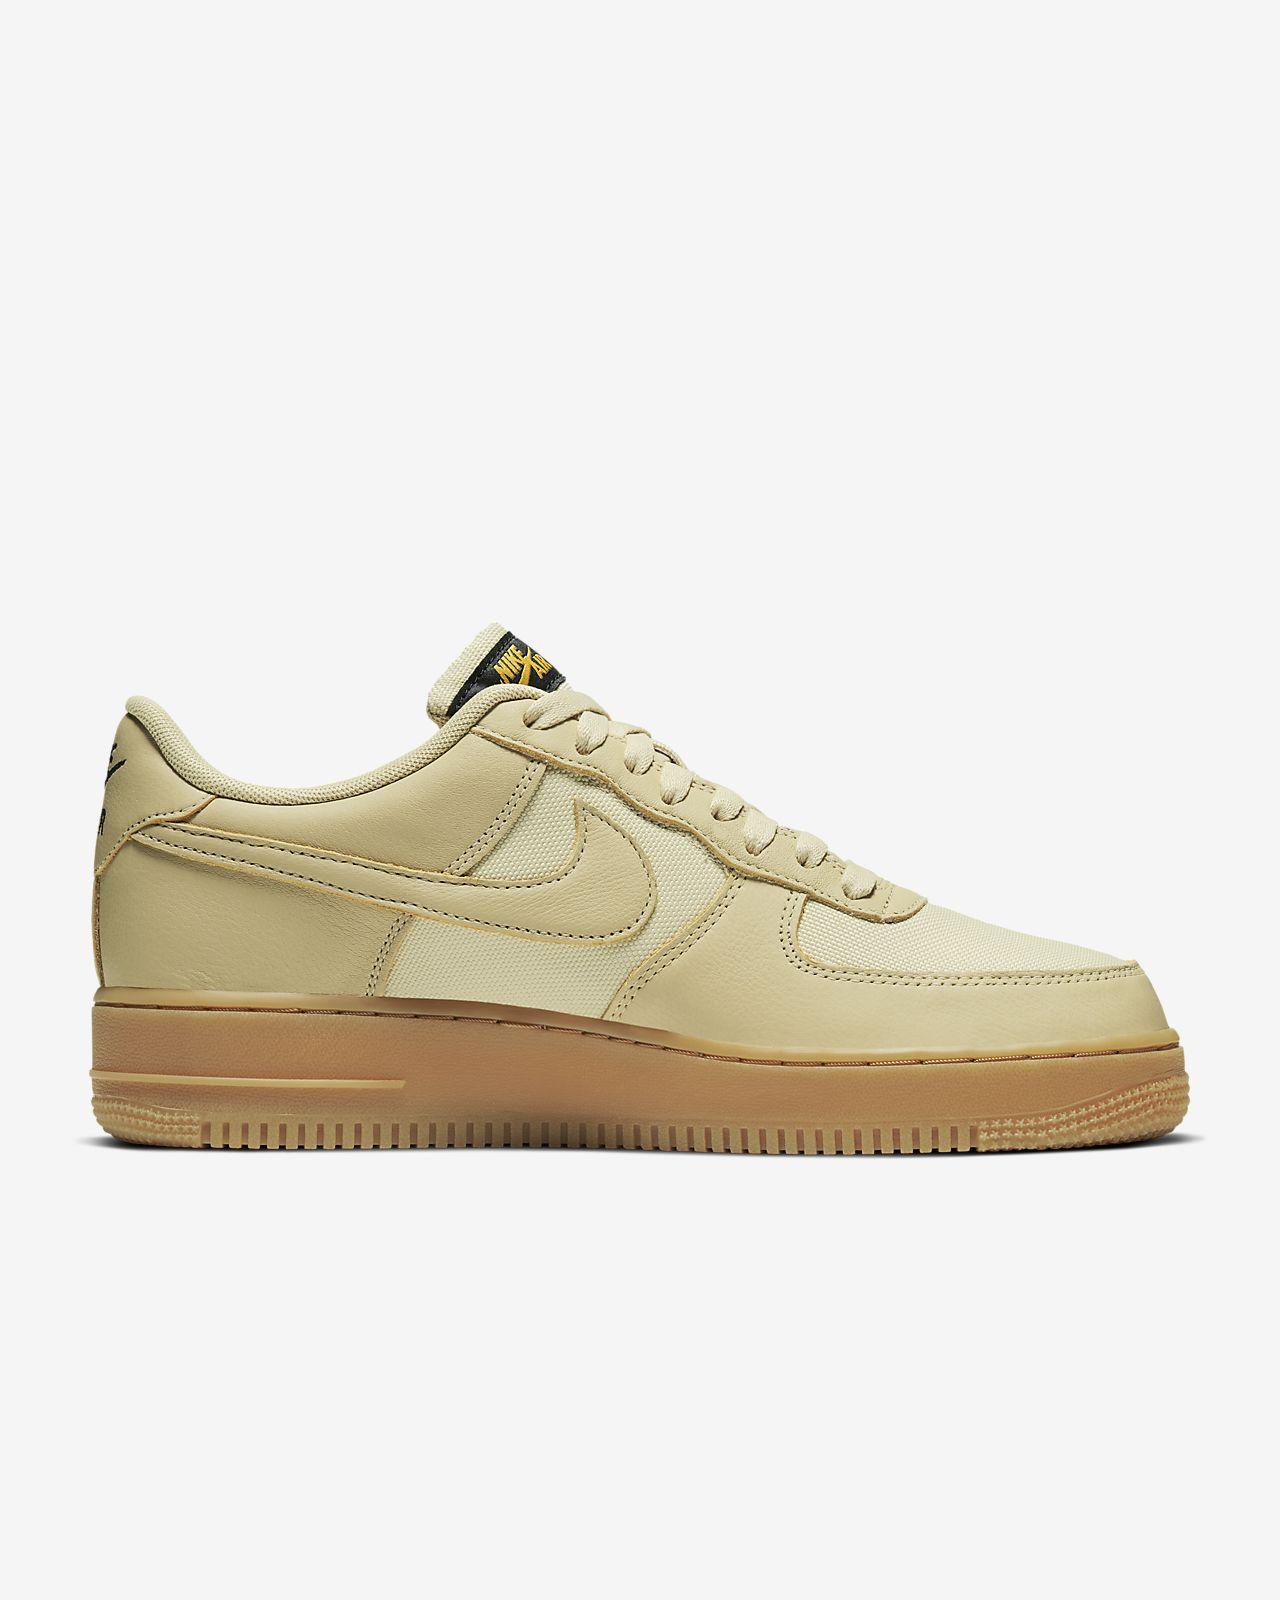 GORE Force 1 Nike Air Schuh TEX TcF1lKJ